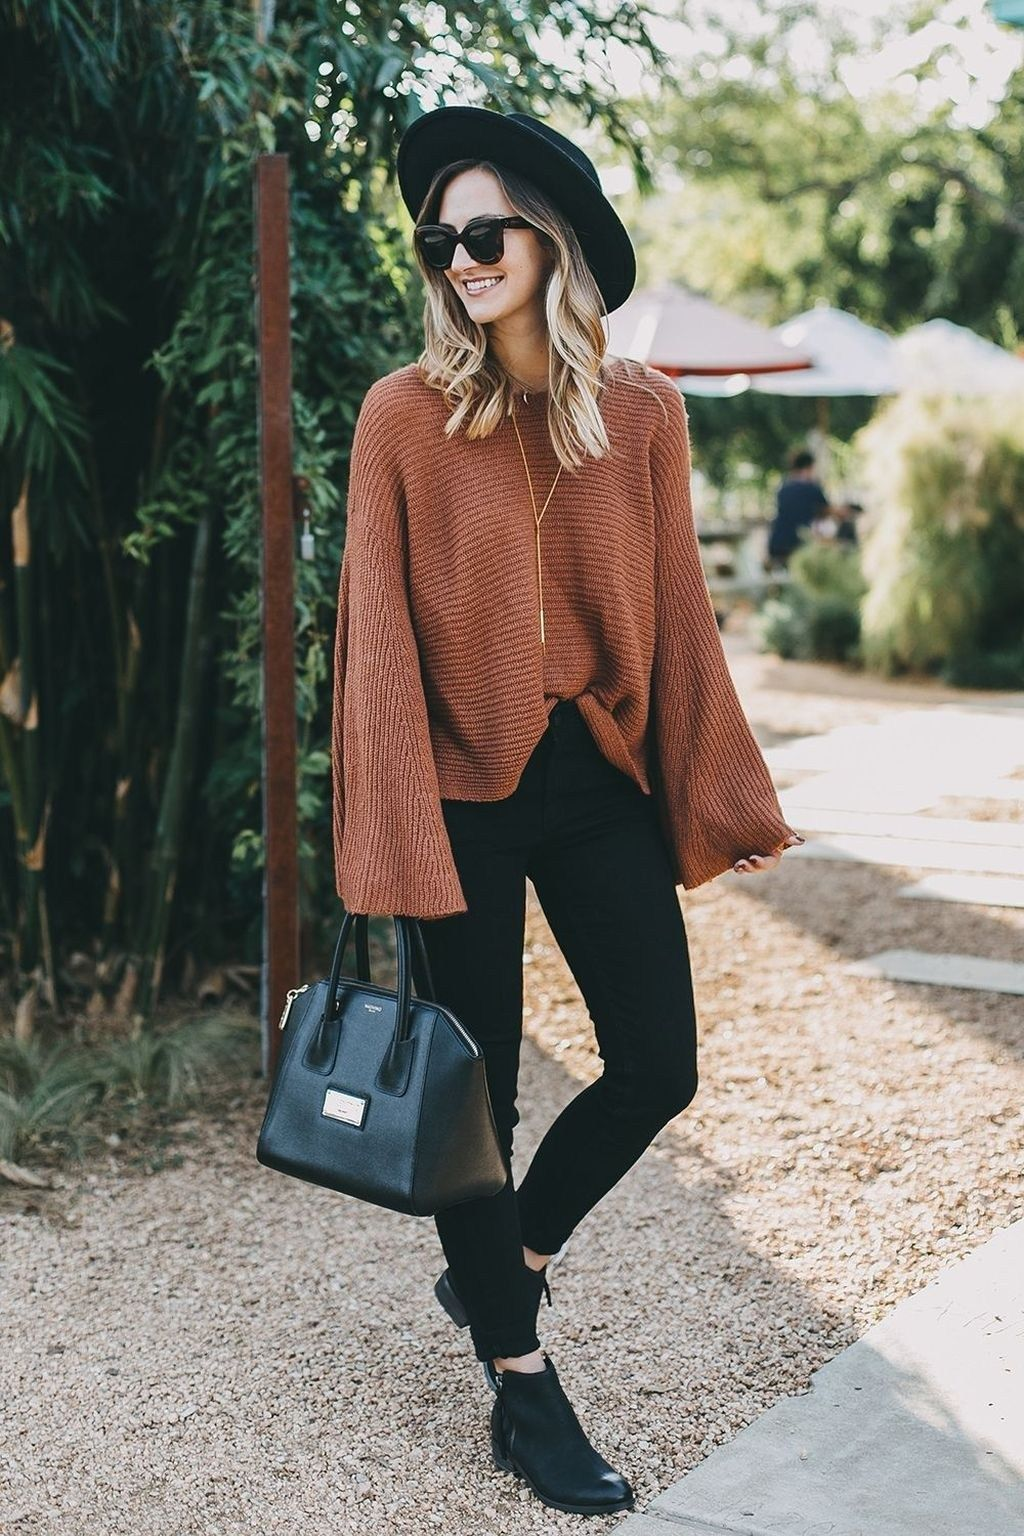 53+ Simple Boho Fall Outfits Ideas 2019